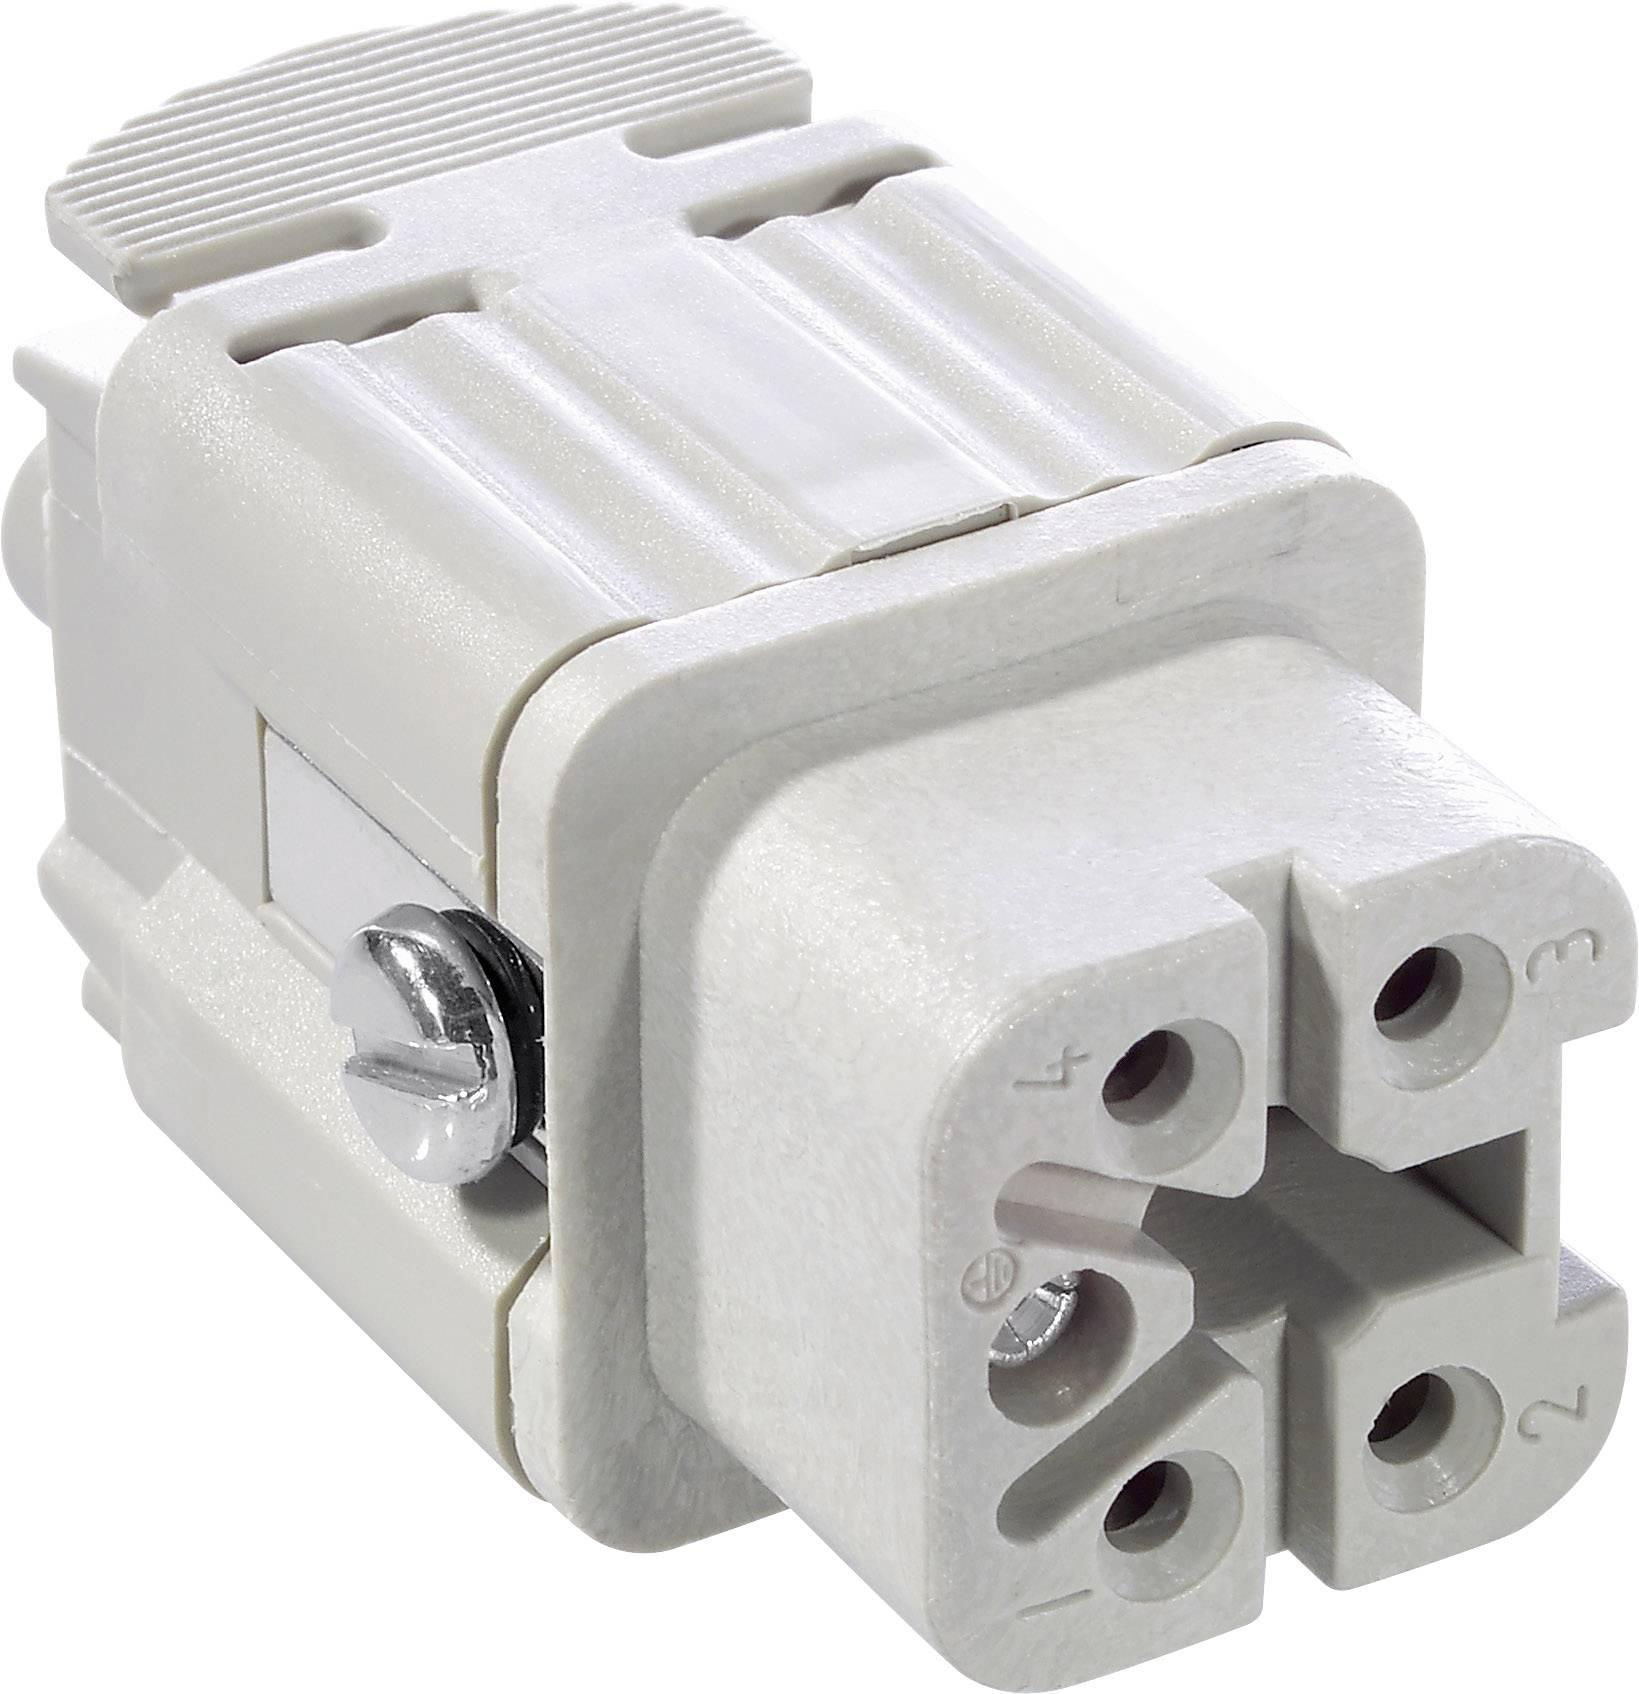 LappKabel EPIC® H-A 4 BS (10432000), Použití zdířky, IP65, šedá